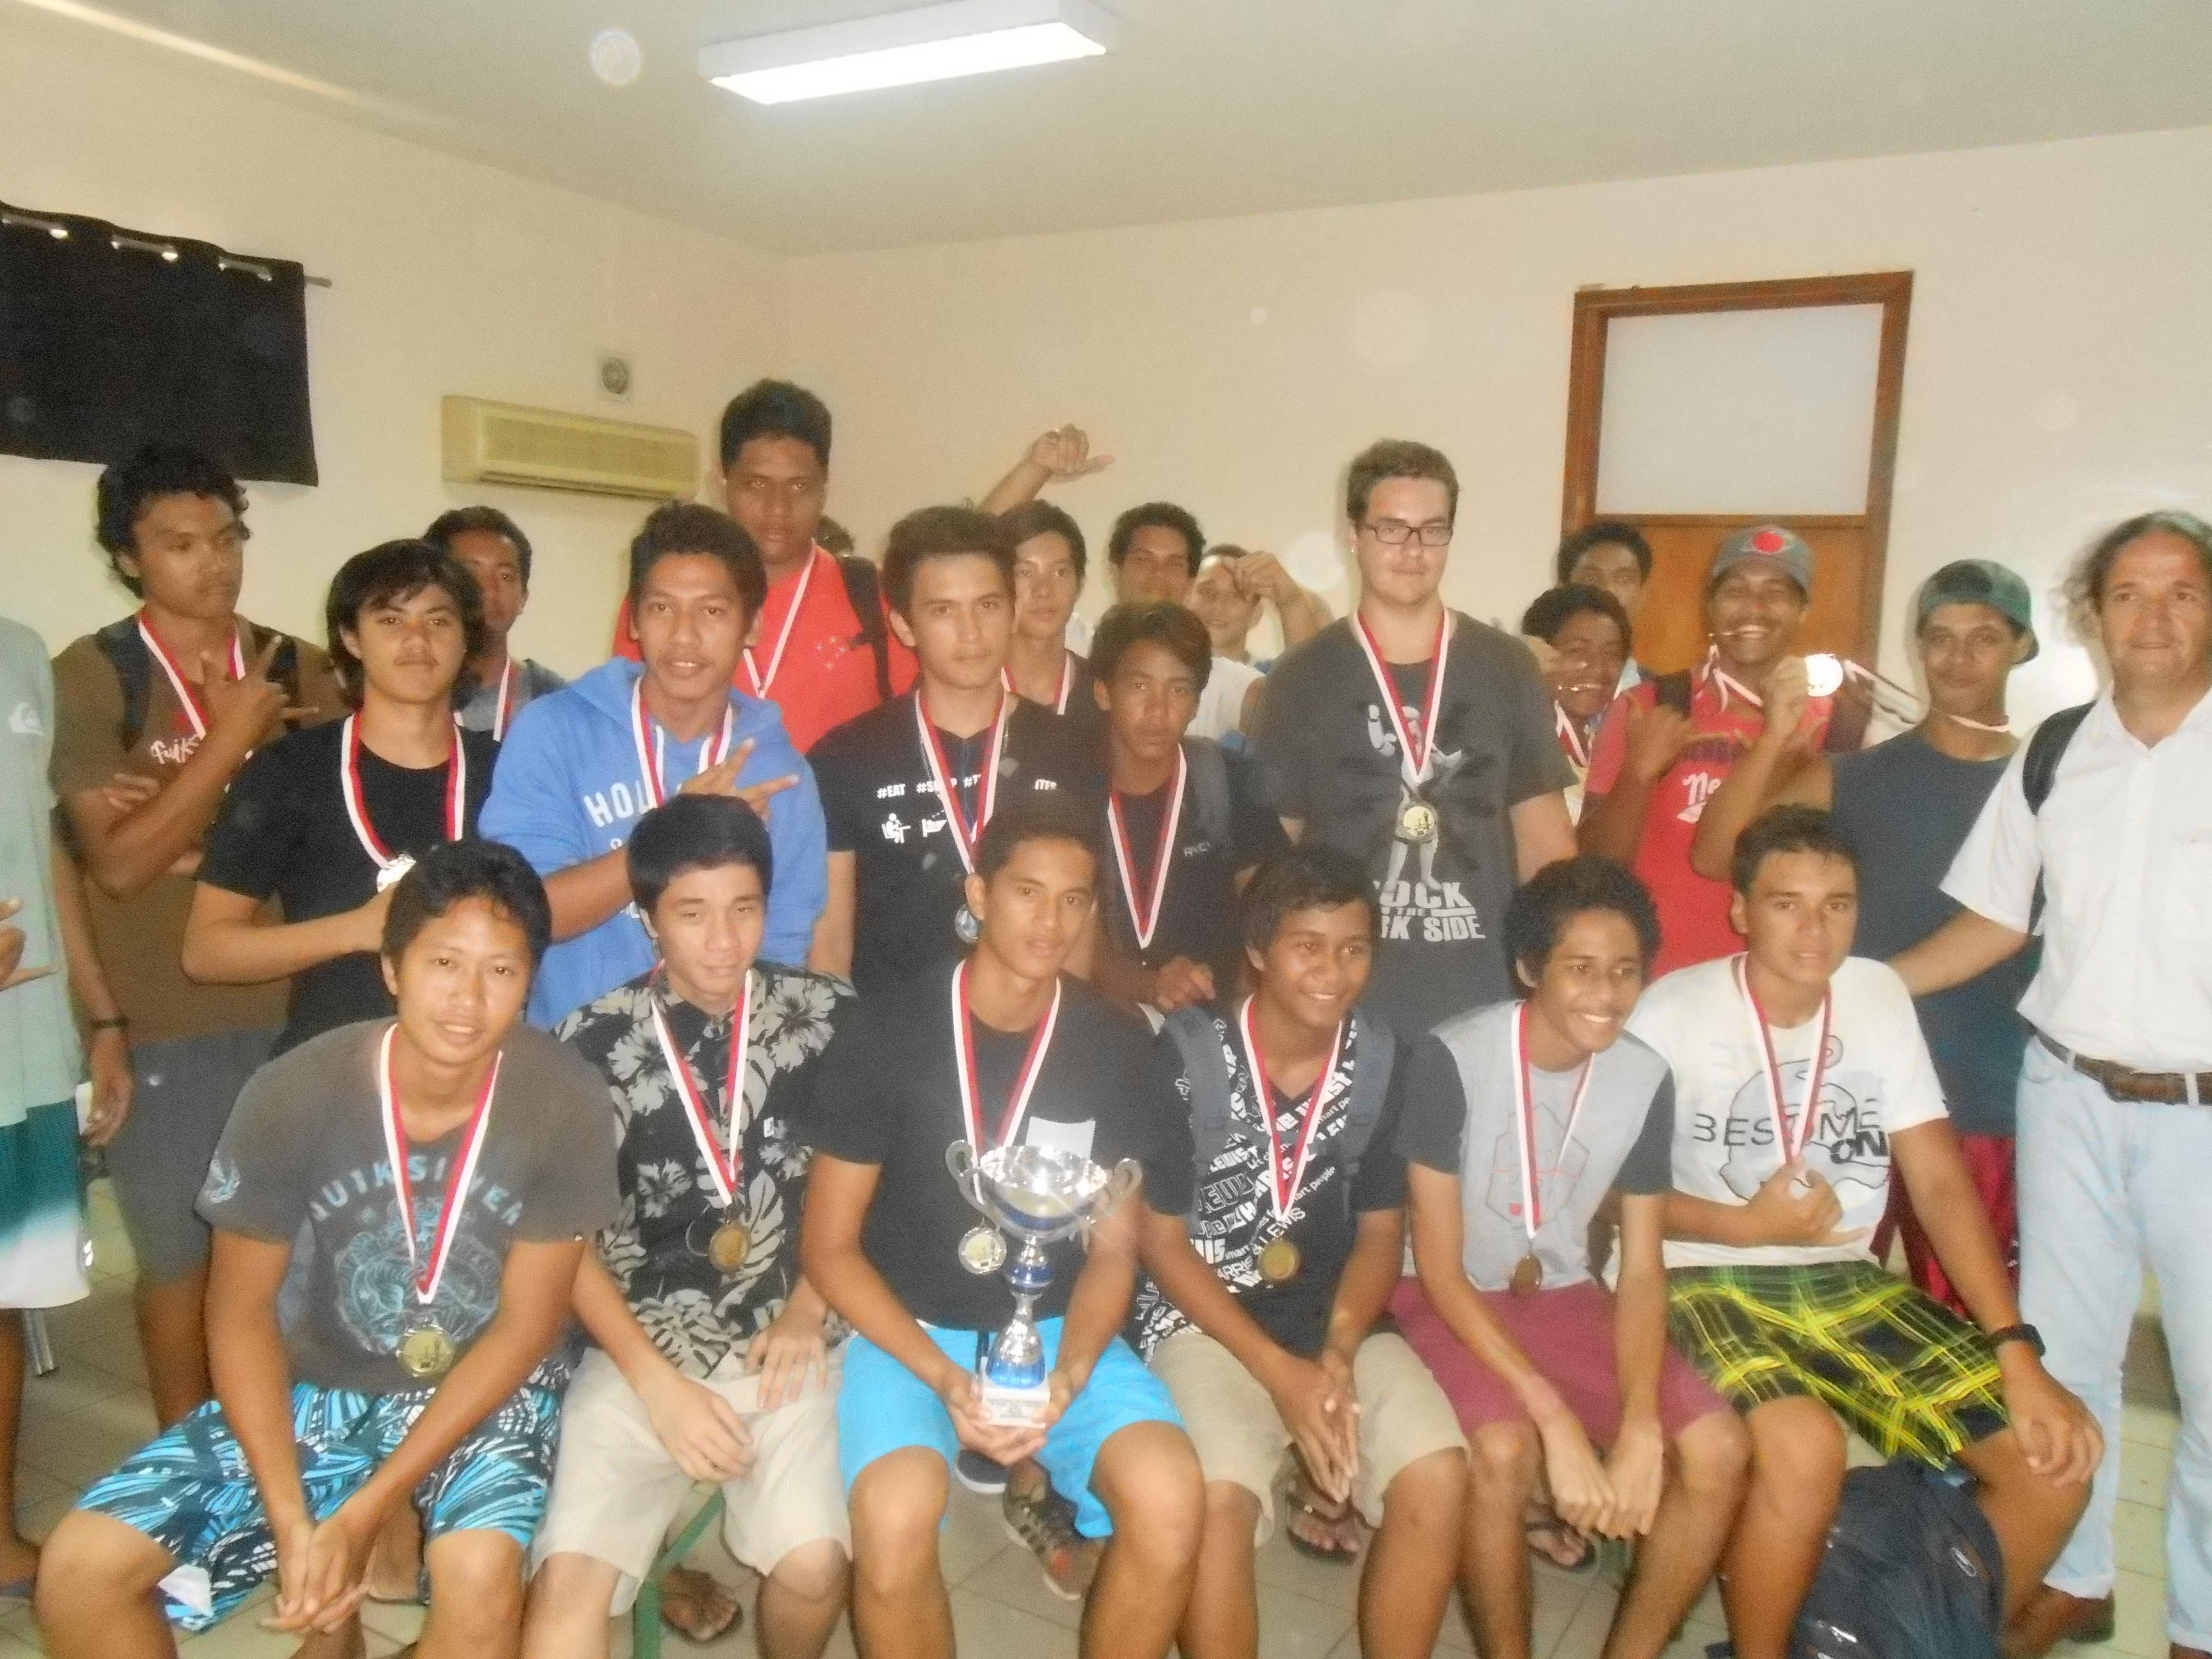 Les joueurs du lycée Taaone sont sacrés champions de Polynésie à l'issue du 9e tournoi inter-établissement d'échecs.